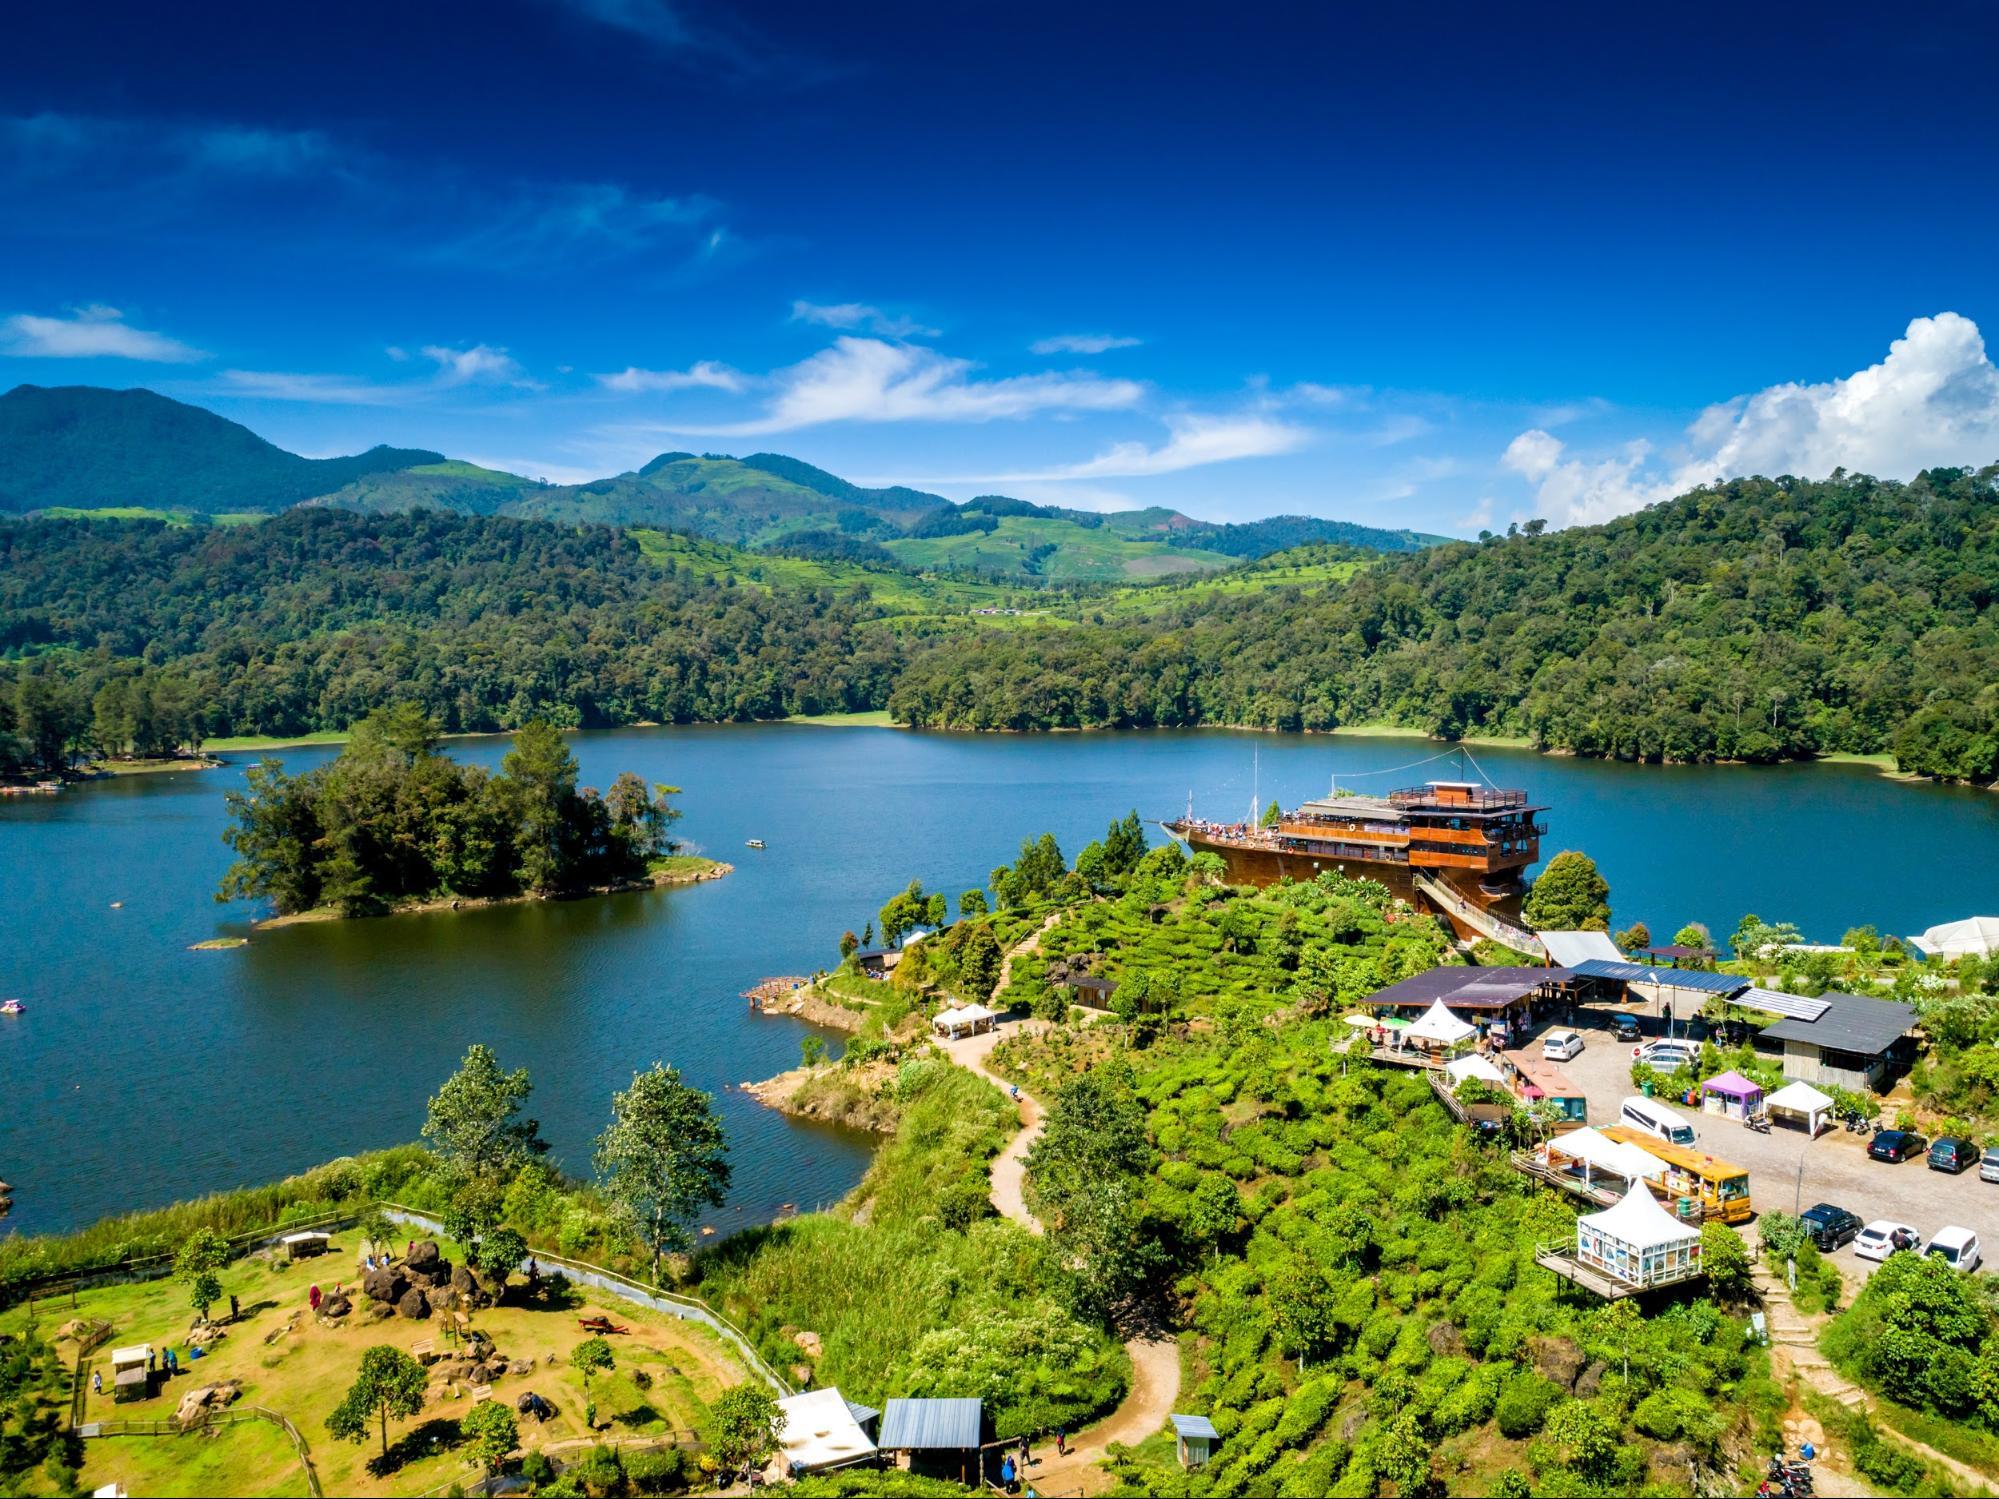 Bandung-Indonesia hồ nước thơ mộng